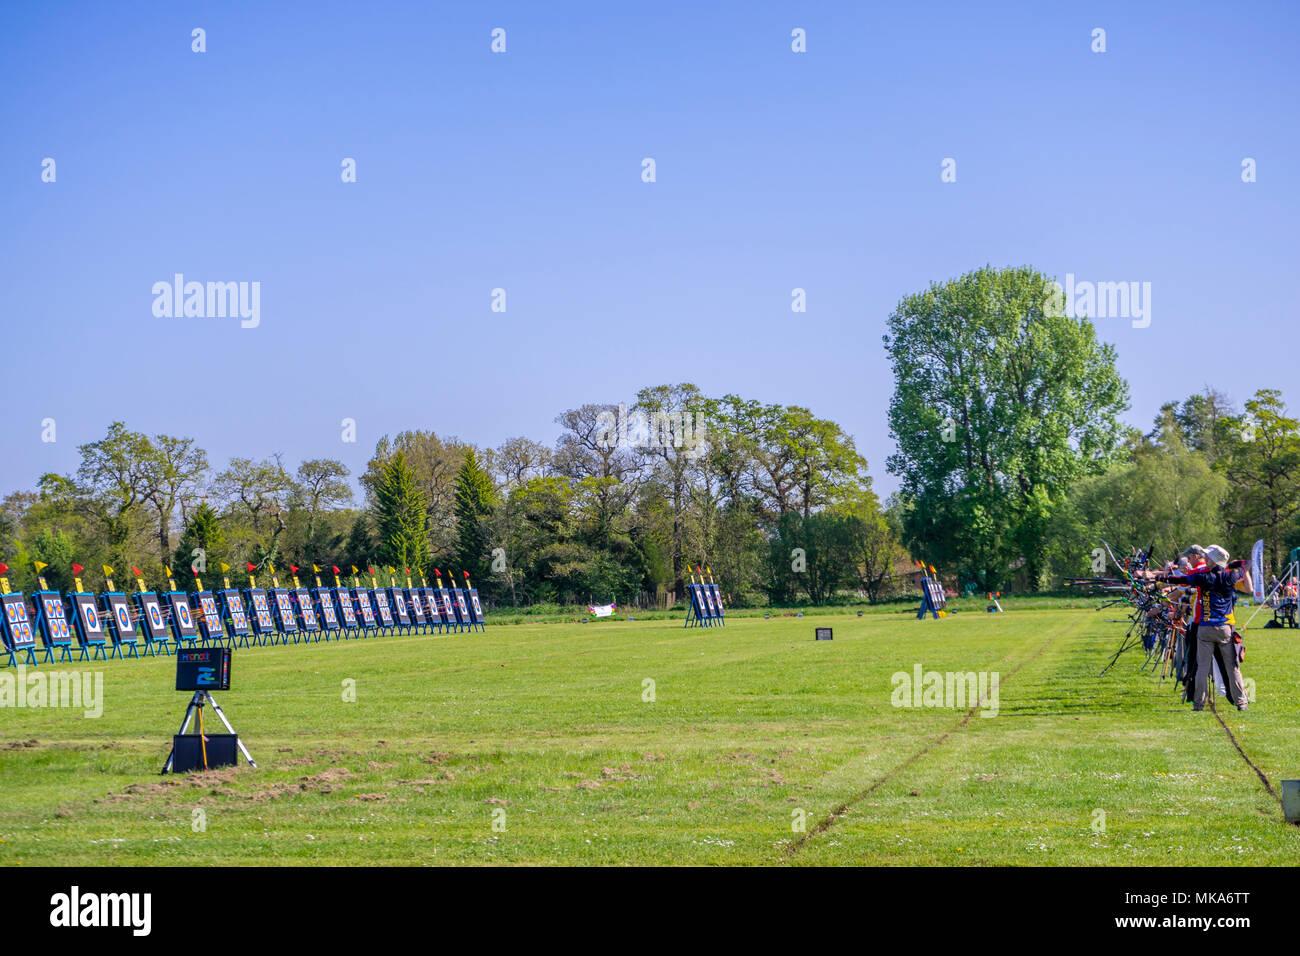 La gente a competere in un tiro tiro con l'arco concorrenza vicino Exbury in Hampshire, Inghilterra, Regno Unito Immagini Stock